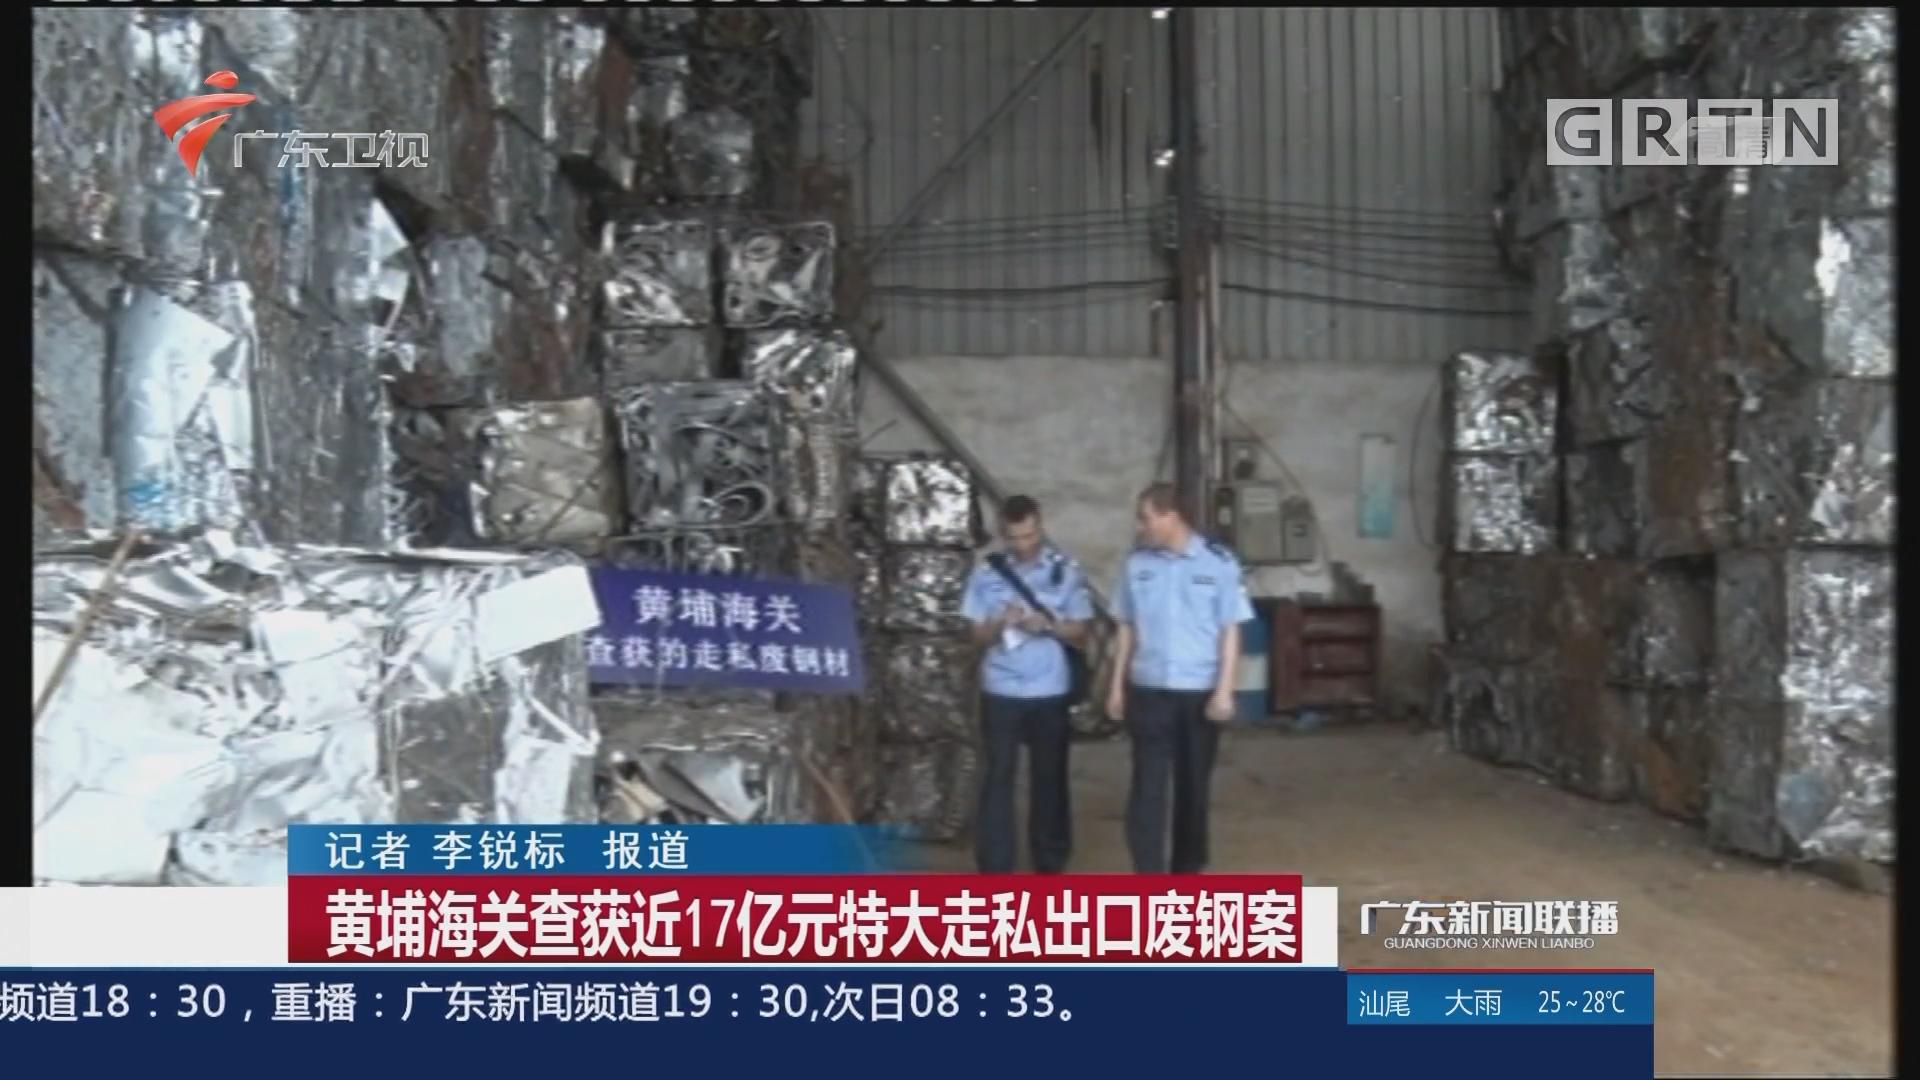 黄埔海关查获近17亿元特大走私出口废钢案